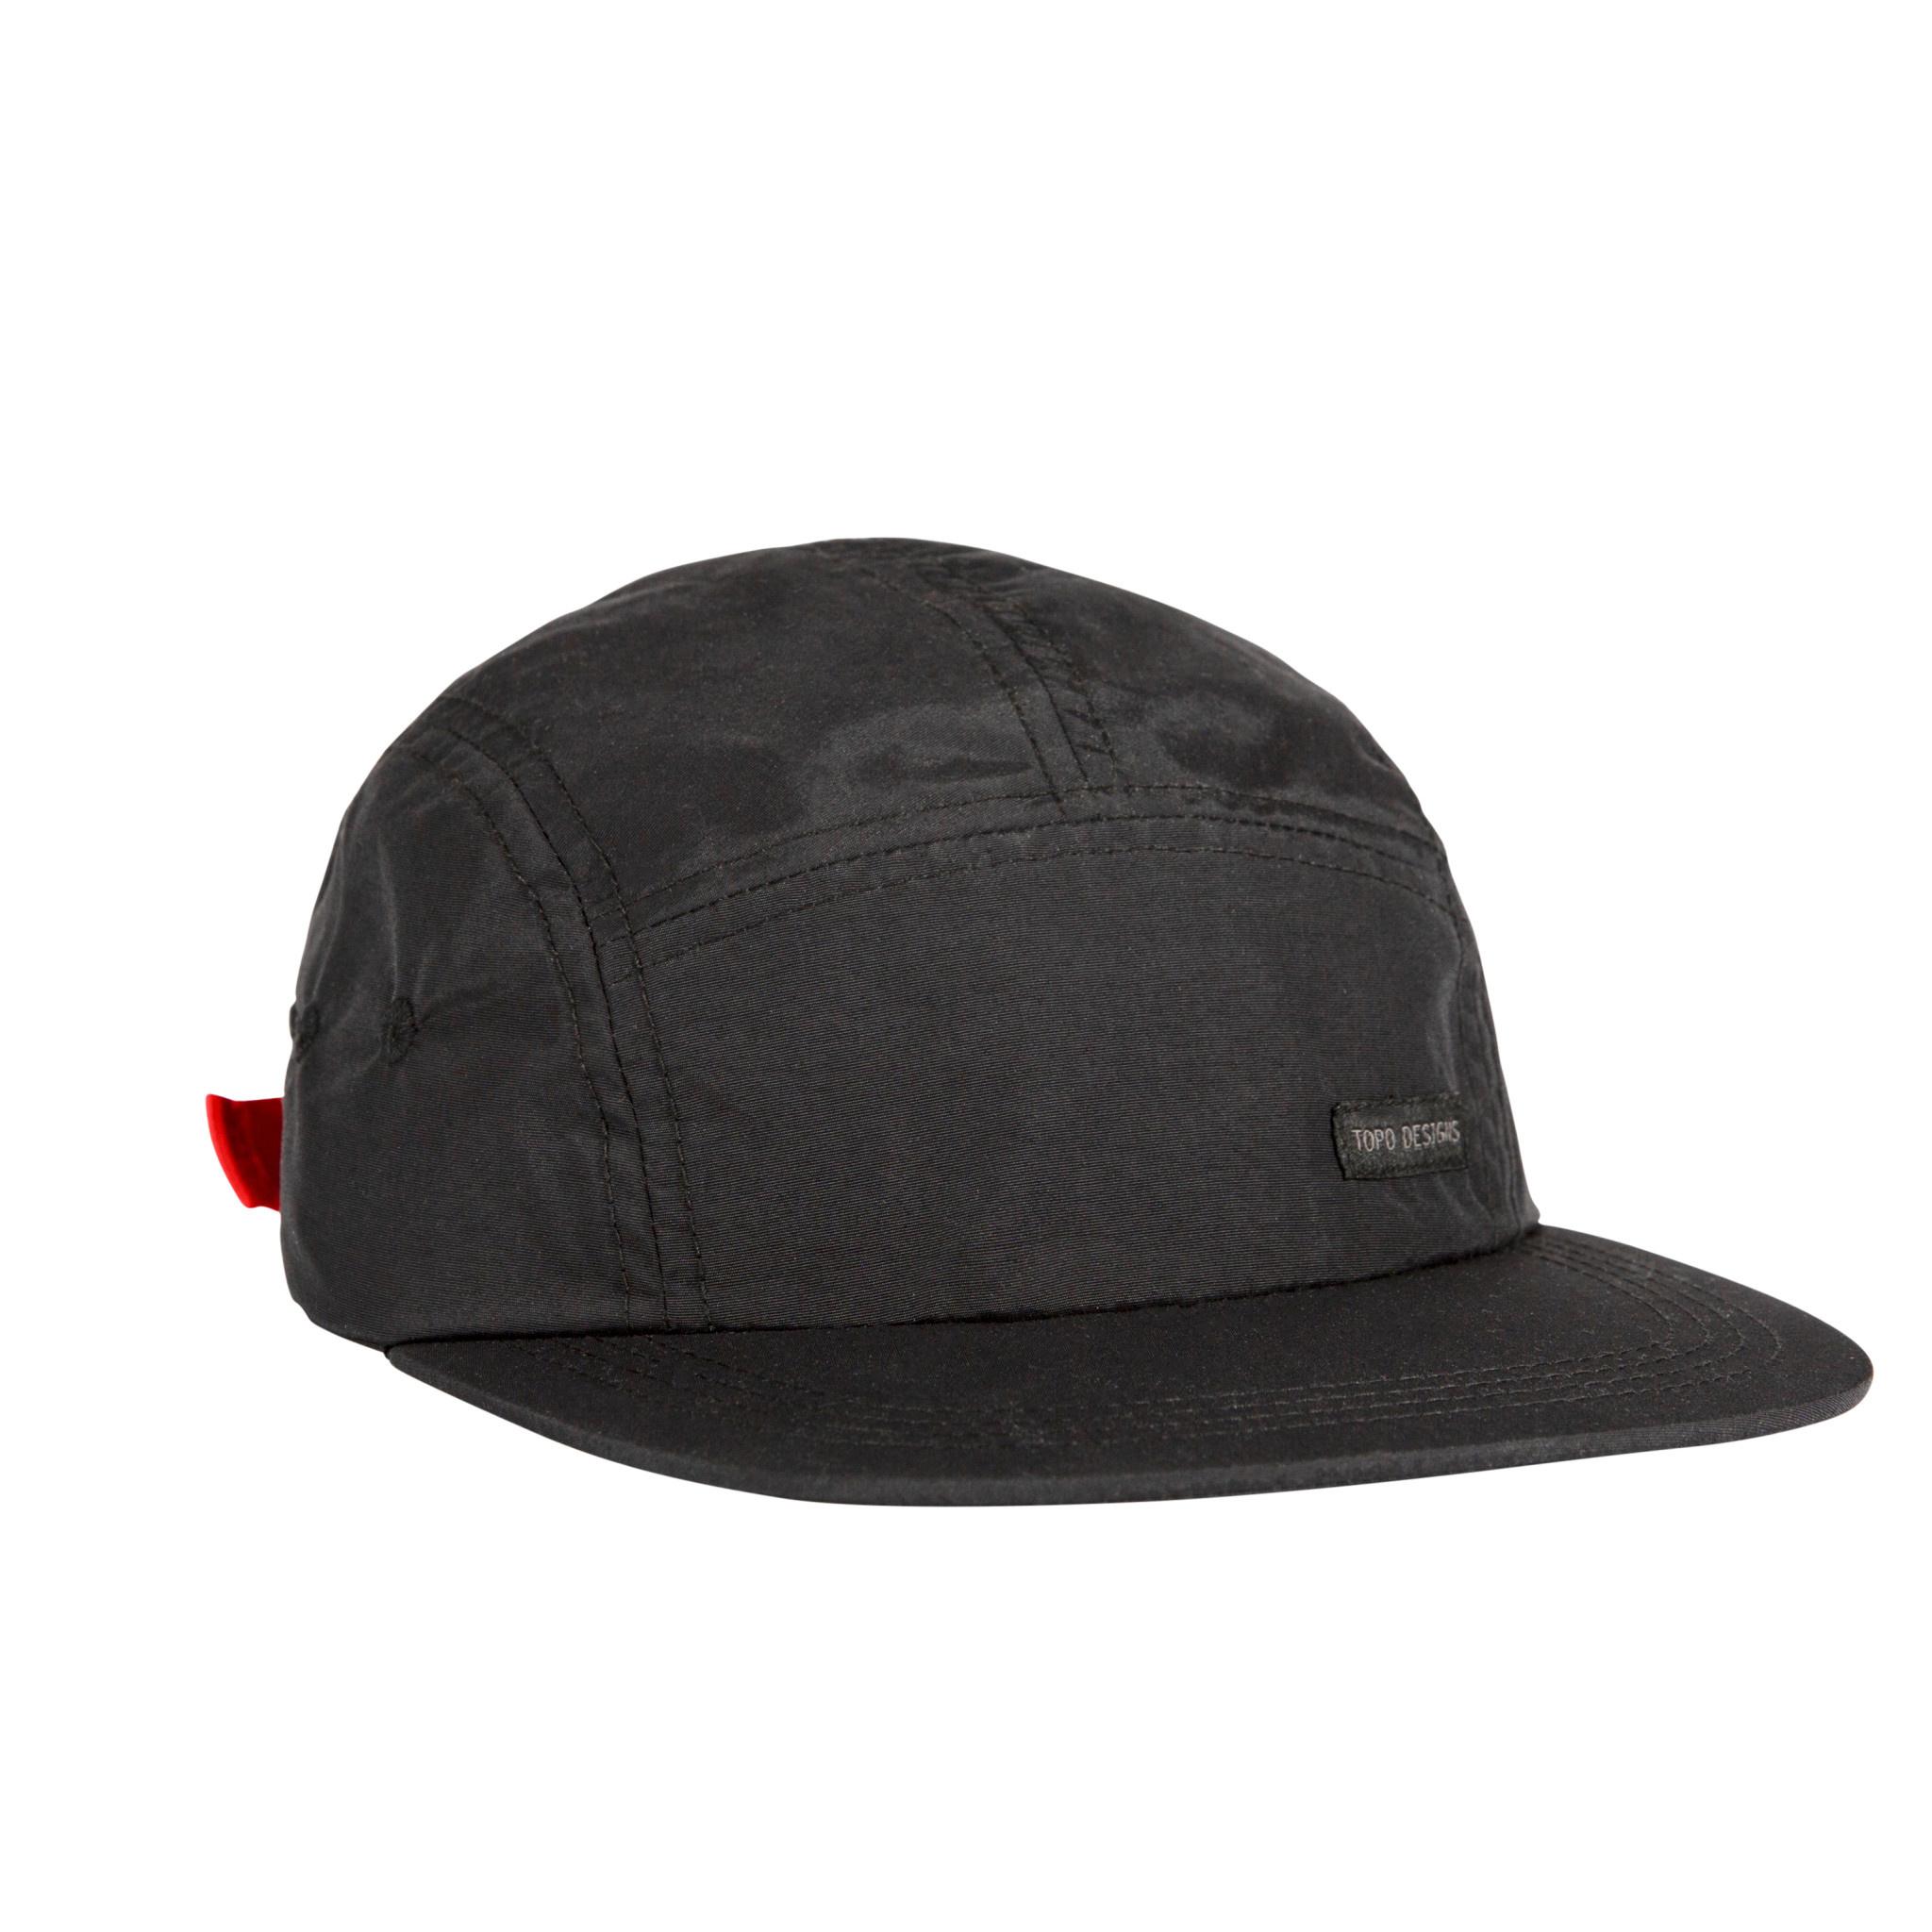 Topo Designs Topo Designs Nylon Camp Hat - Black